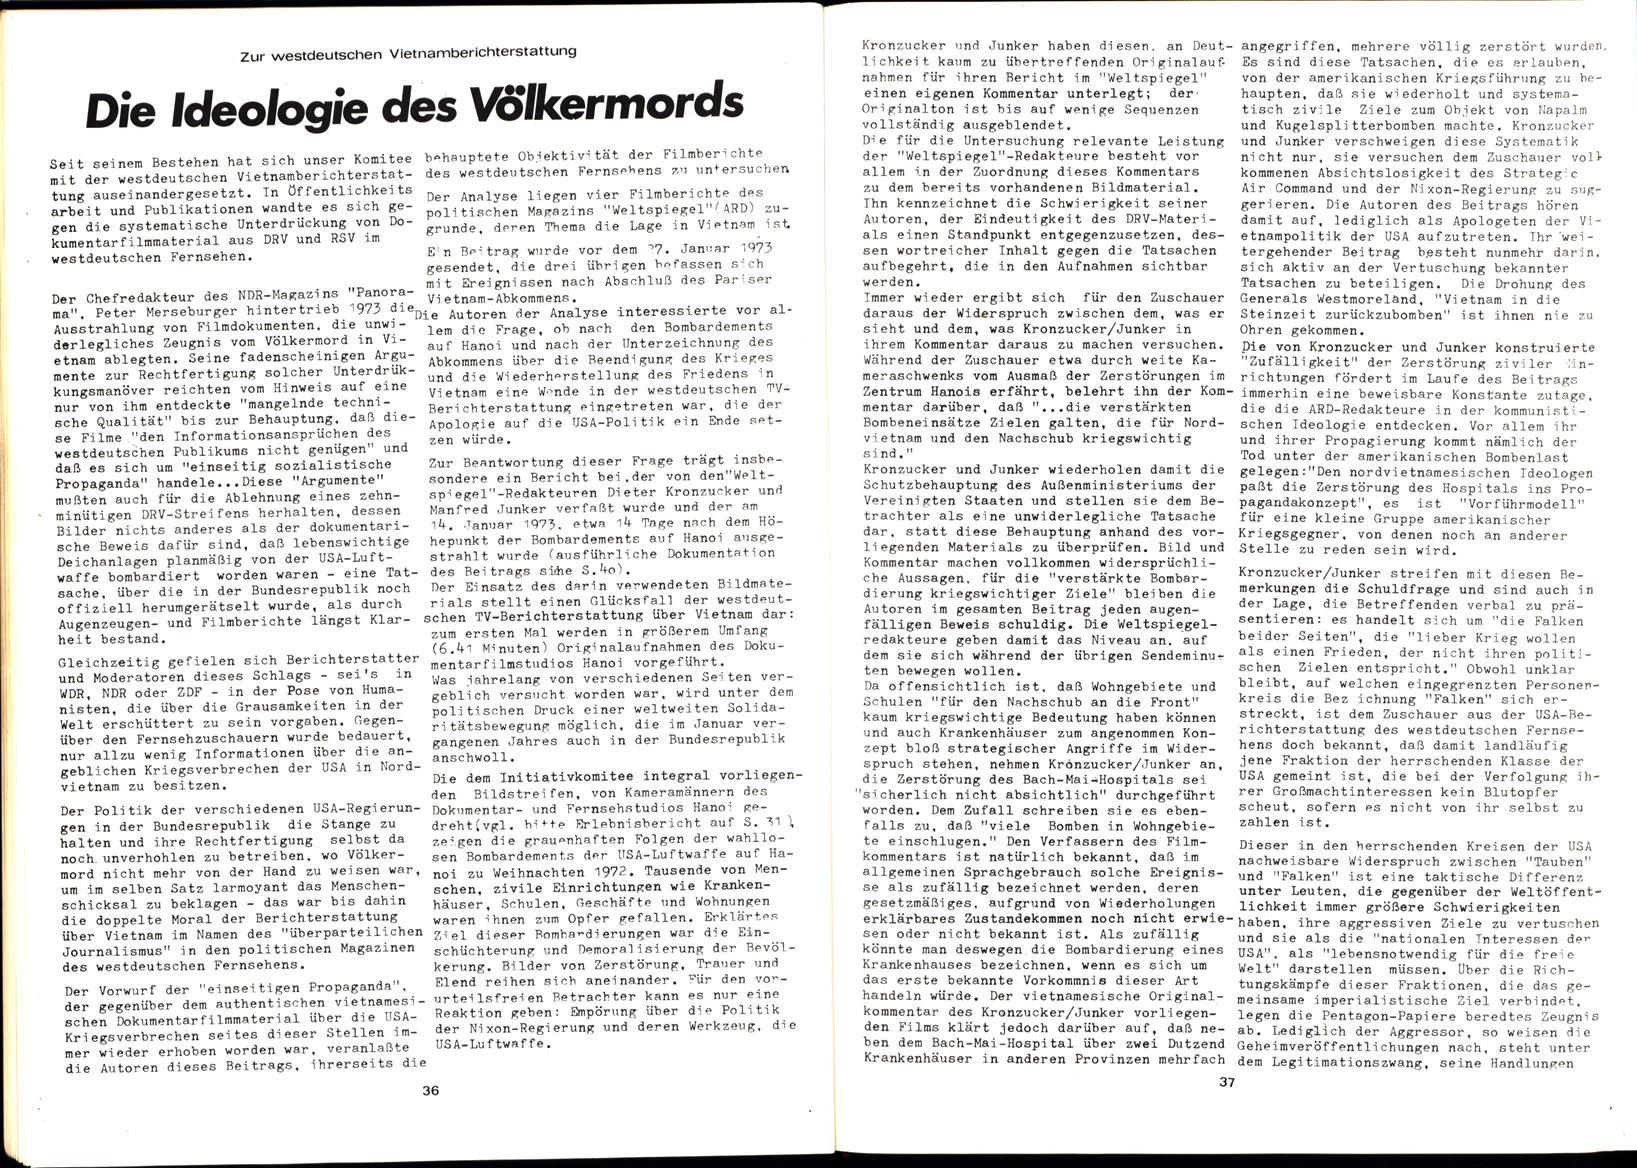 IK_Filmwesen_Bulletin_19740400_008_009_019